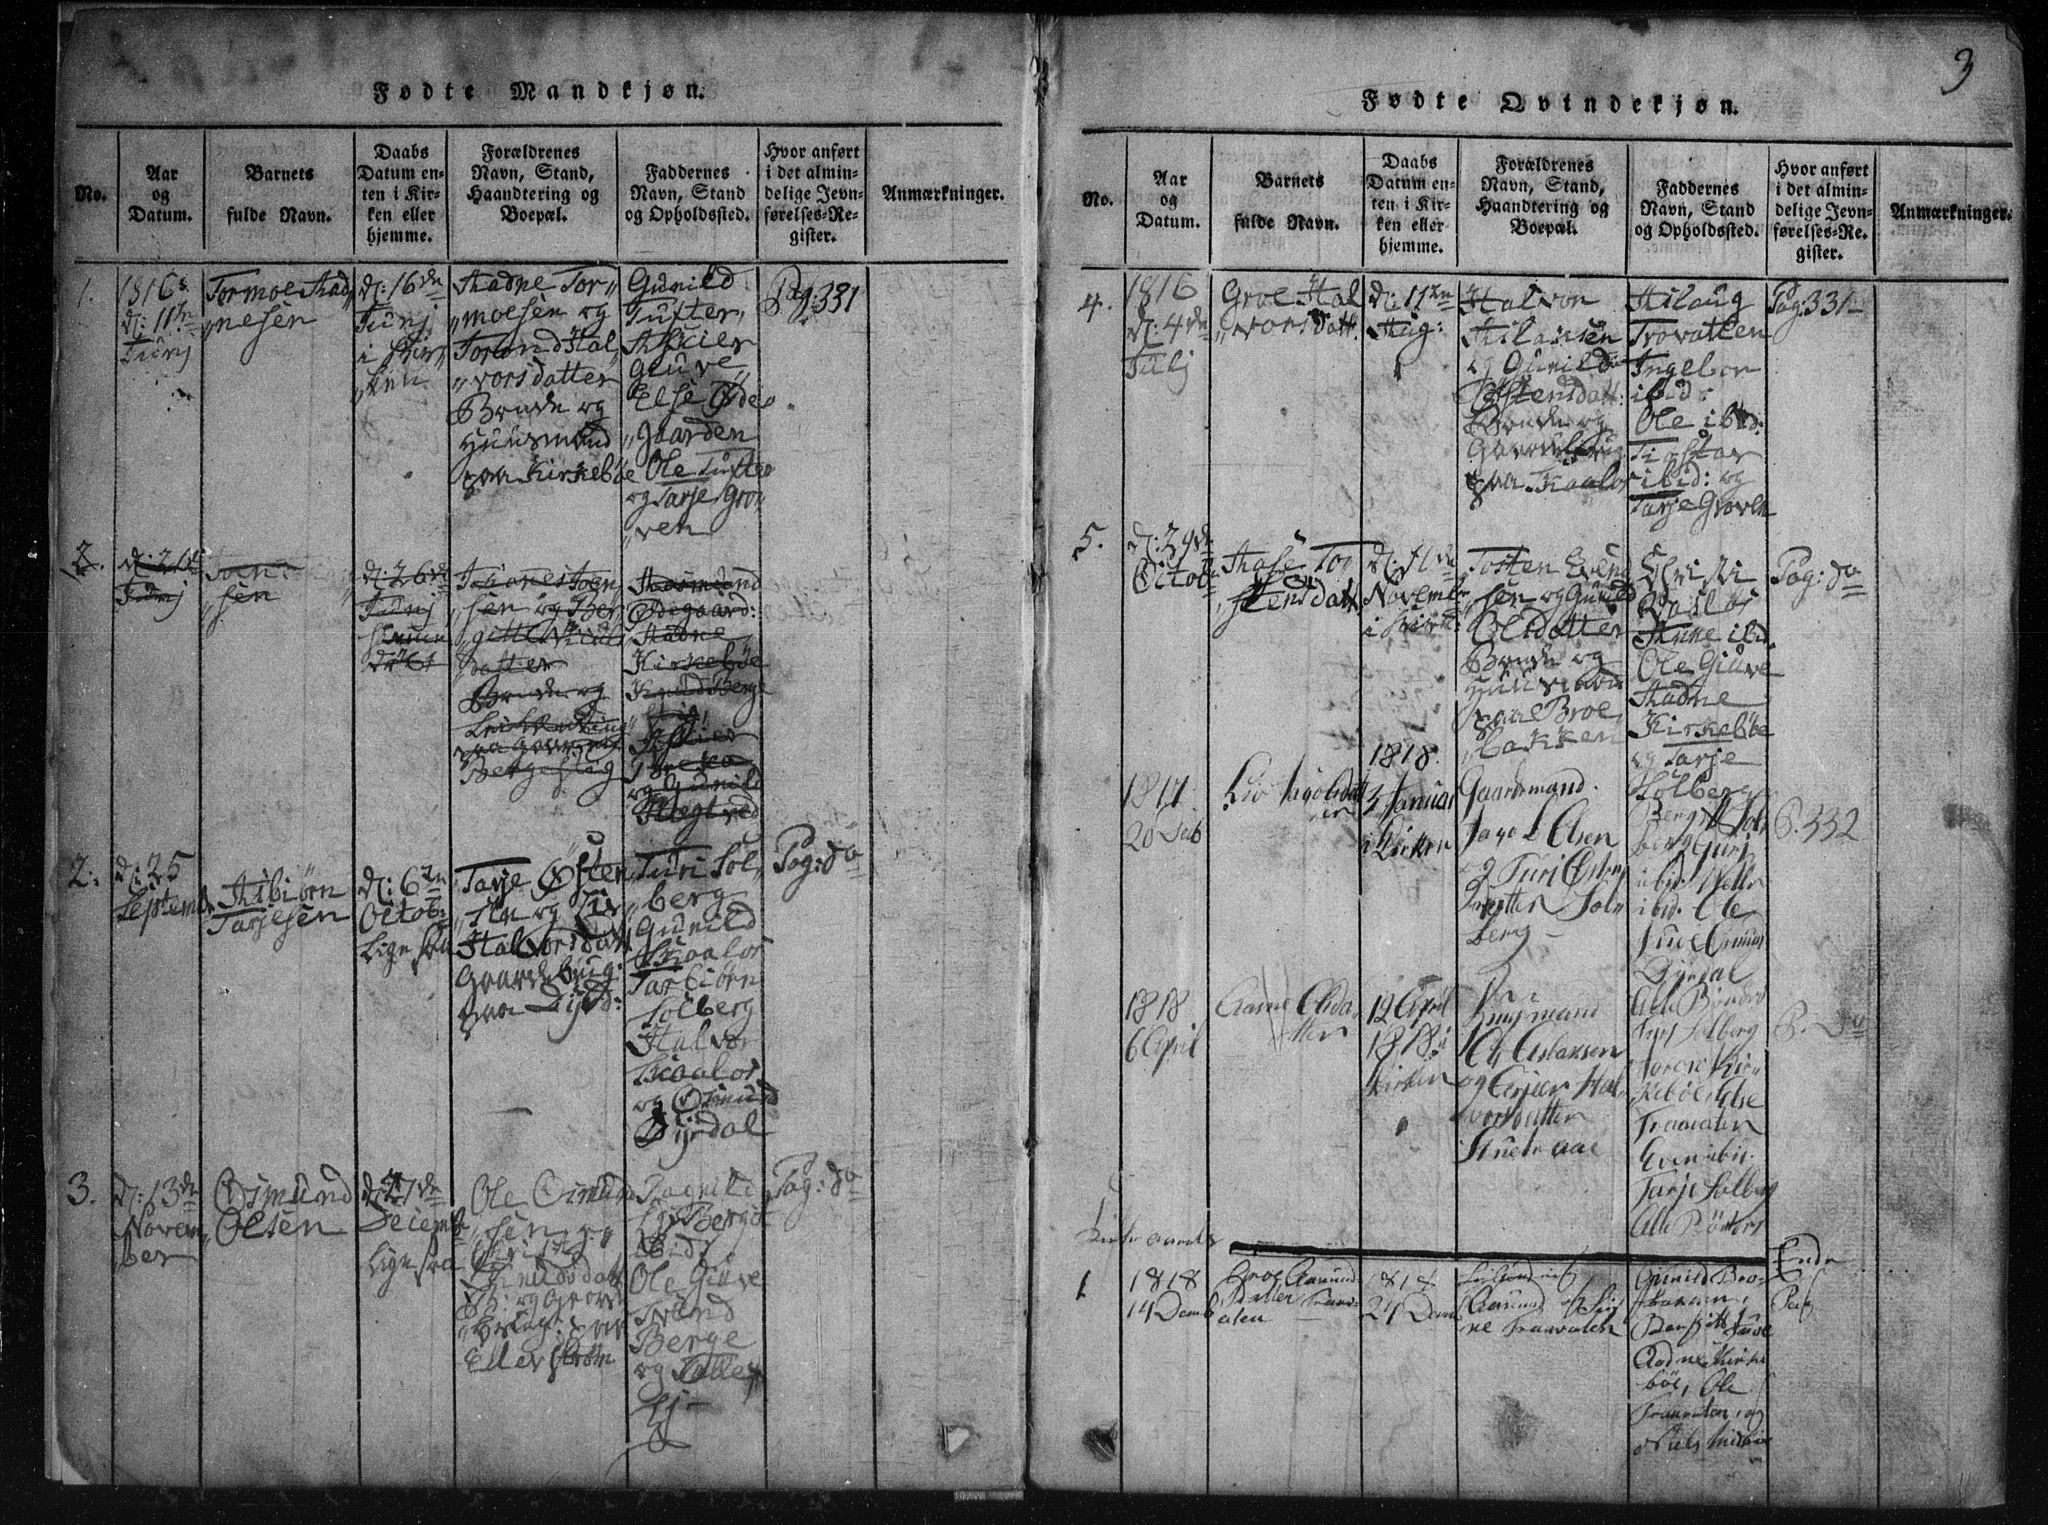 SAKO, Rauland kirkebøker, G/Gb/L0001: Klokkerbok nr. II 1, 1815-1886, s. 3